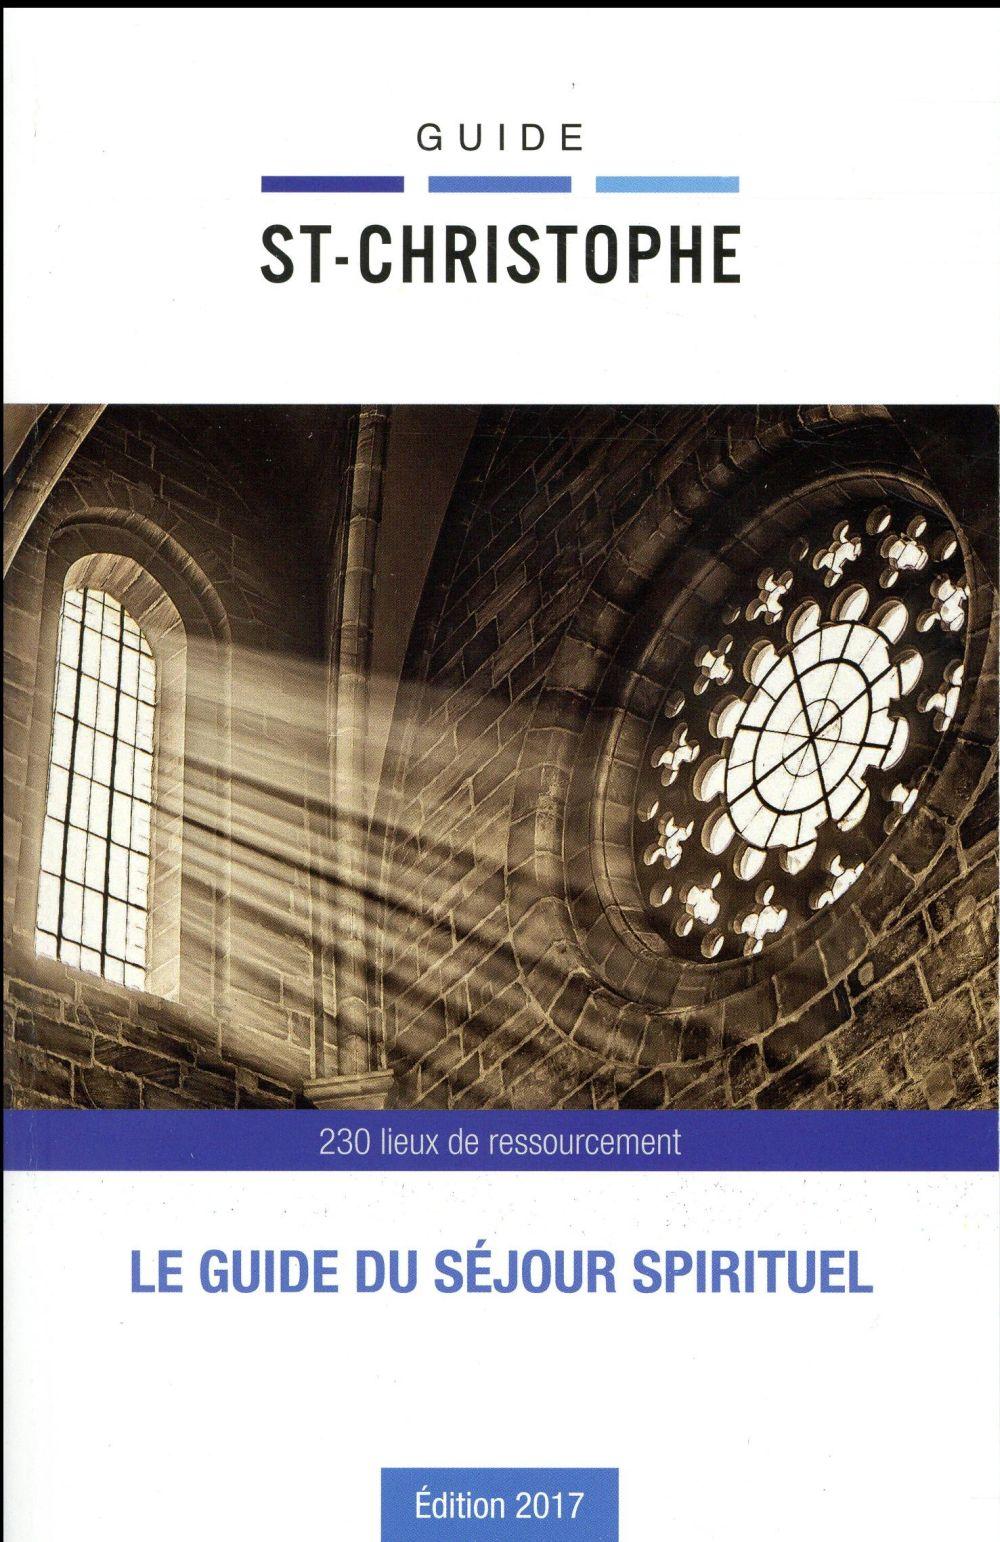 Guide St-Christophe ; le guide du sejour spirituel (édition 2017)